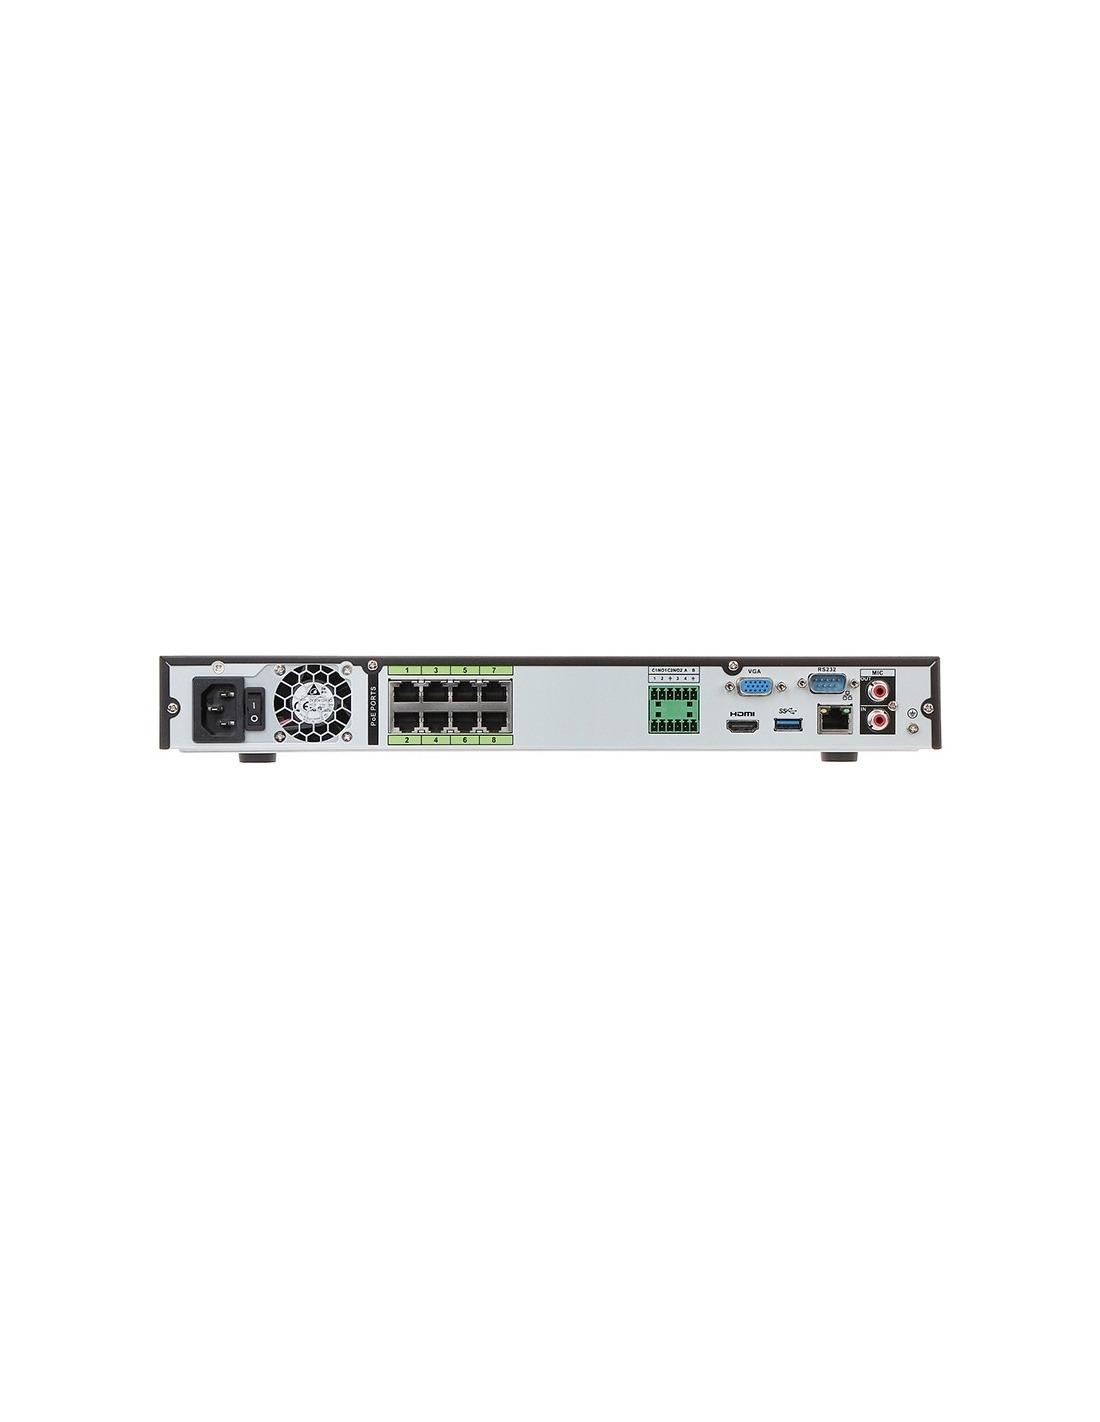 vip-vision-pro-8ch-12mp-320mbps-nvr-h265-epoe-ip-nvr-no-hdd-max-20tb-4k-onvif.jpg